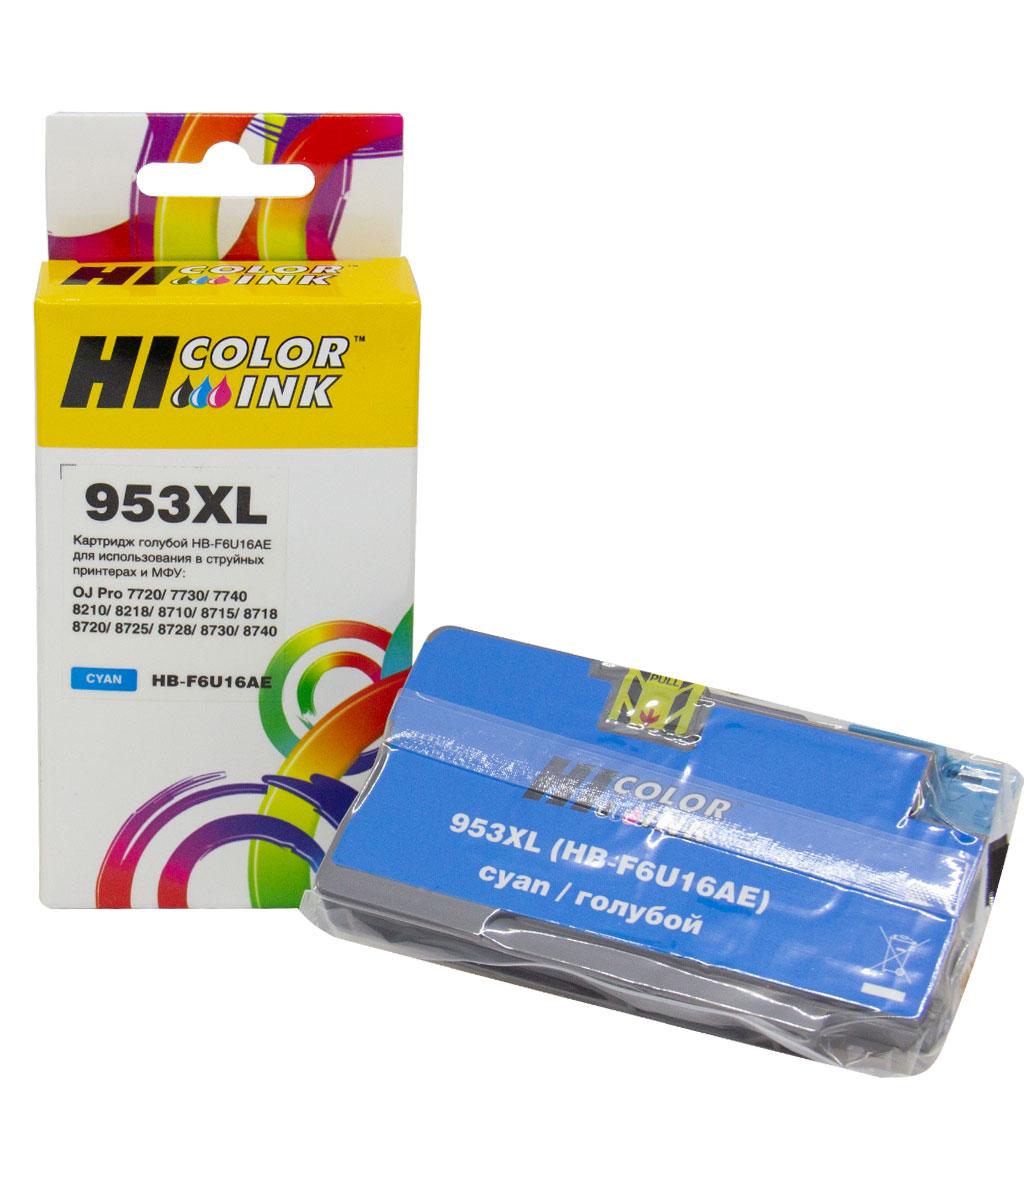 Картридж Hi-Black (HB-F6U16AE) для HP OJP8710/8715/8720/8730/8210/8725, №953XL, NEW, C